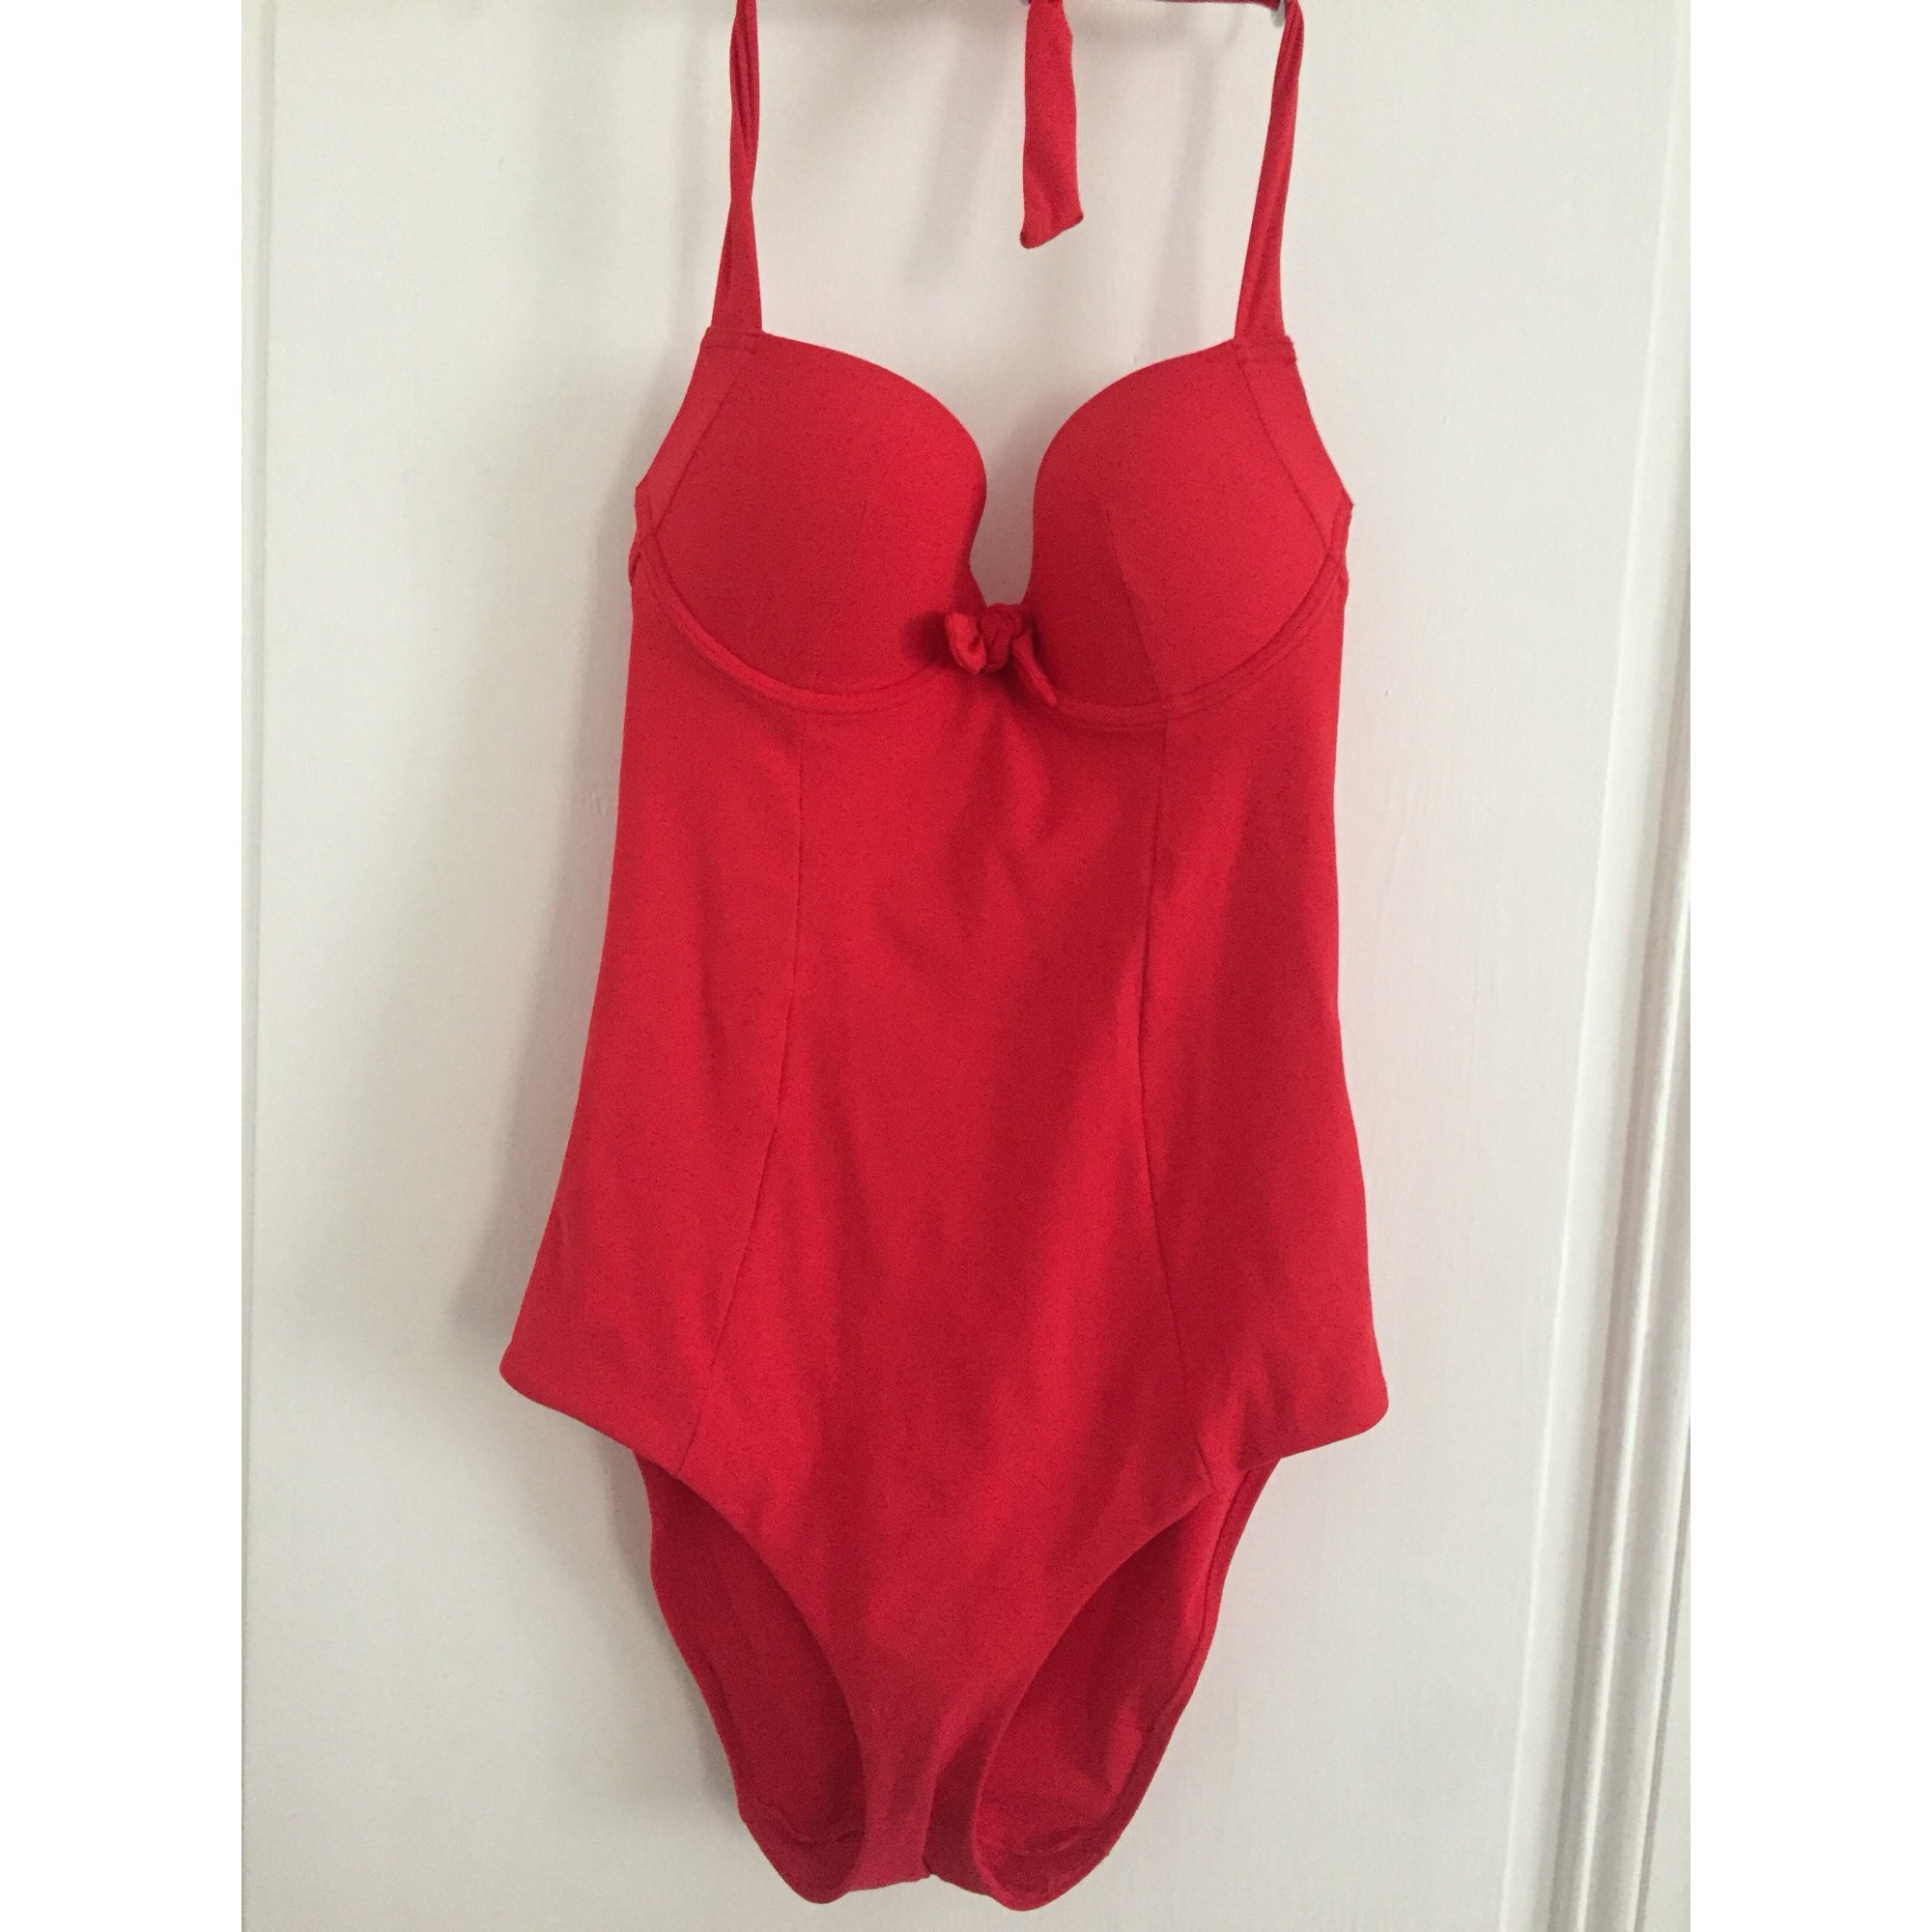 311b97fdfb Maillot de bain une-pièce ETAM LINGERIE 38 (M, T2) rouge - 7598079